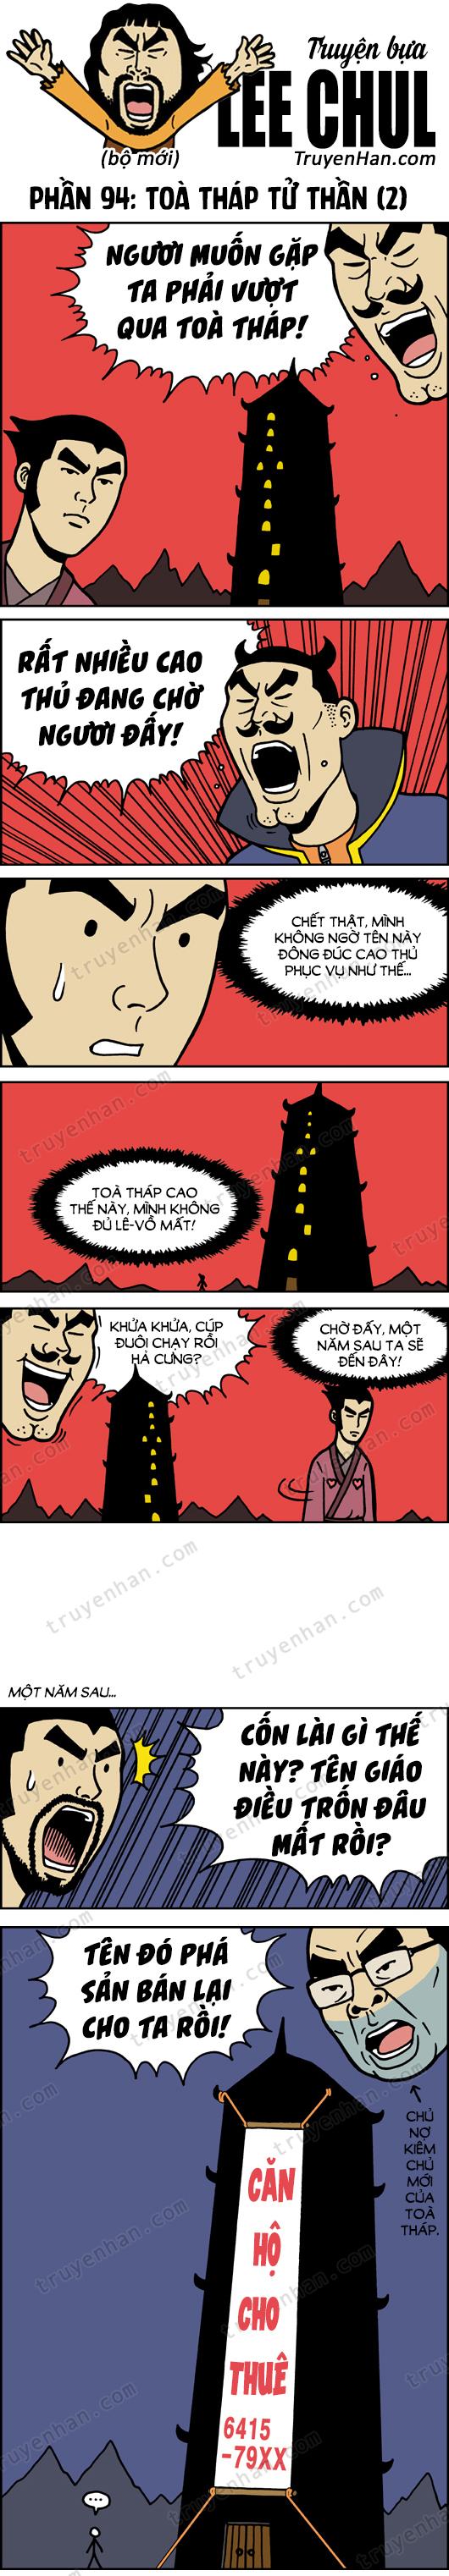 TRUYỆN BỰA LEE CHUL phần 94: Toà tháp tử thần (2)